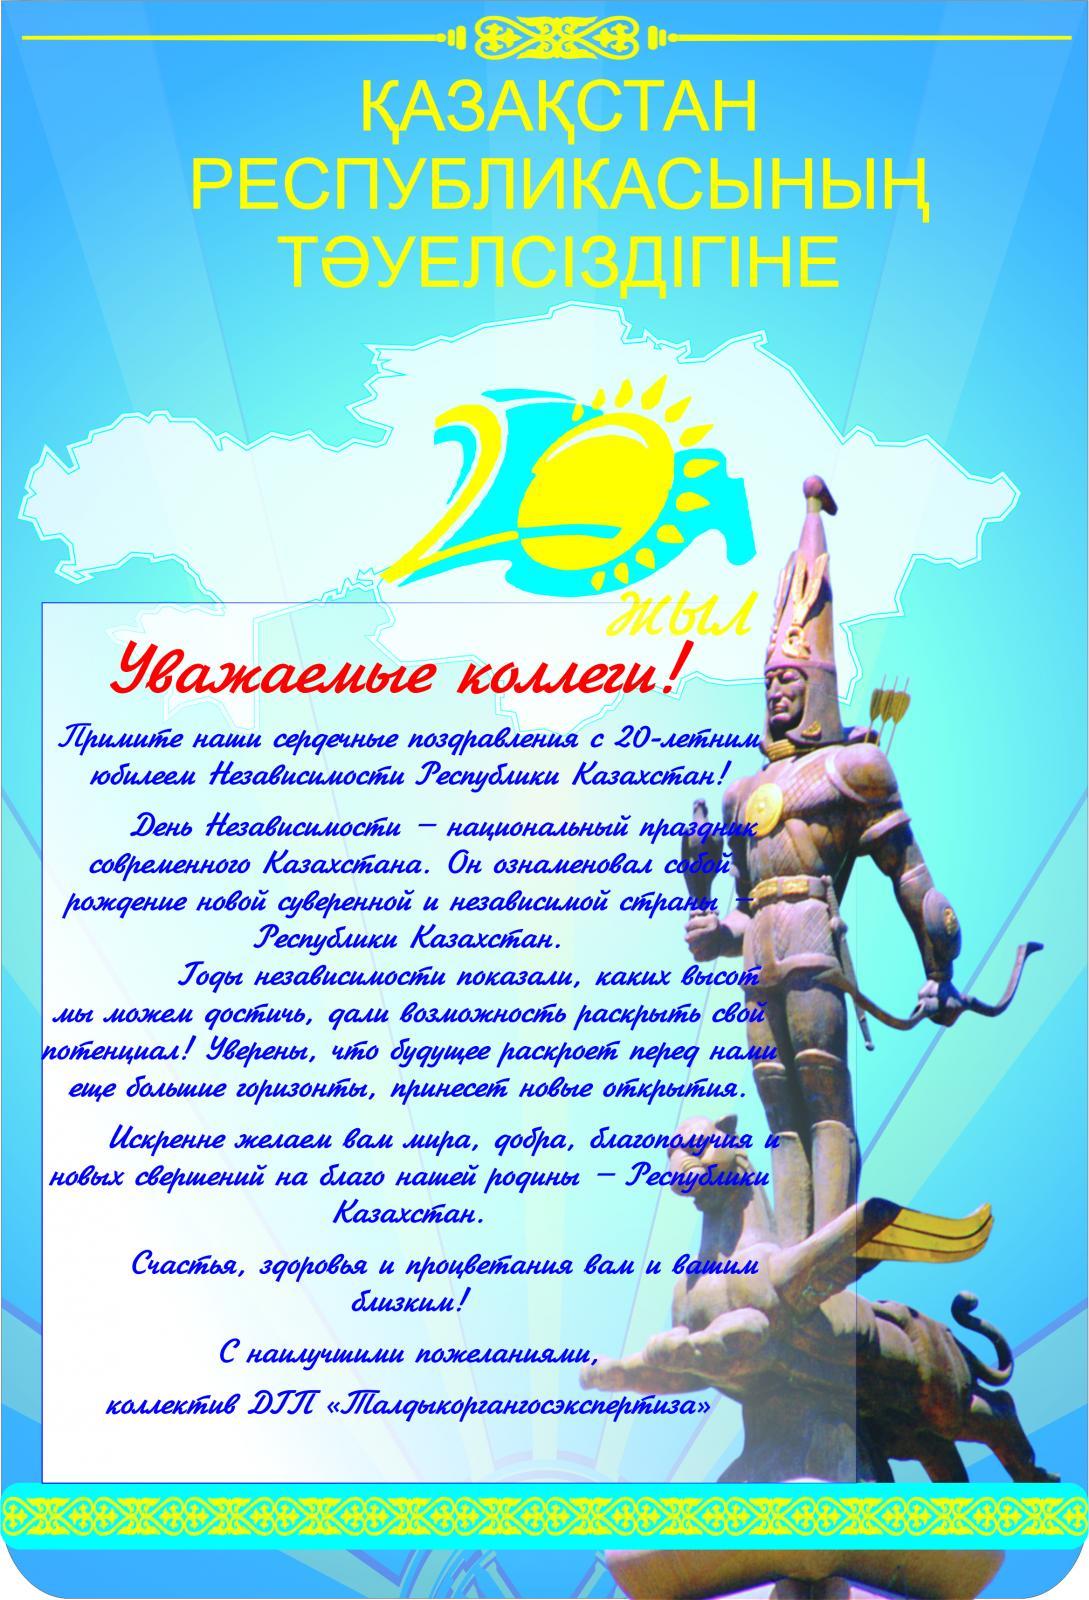 Пожелания на день независимости казахстана